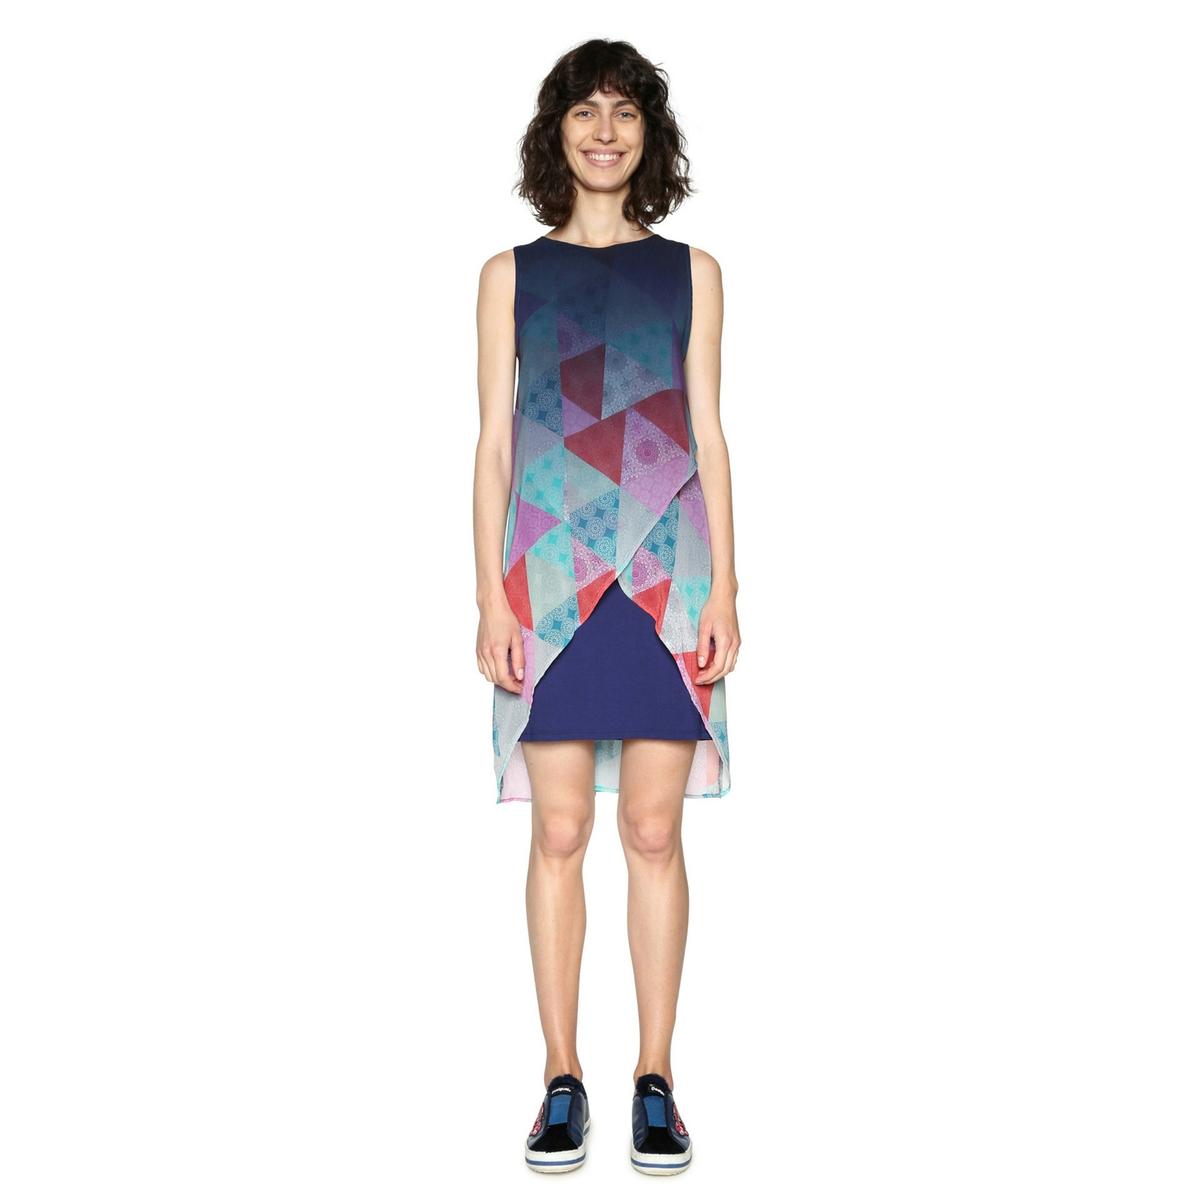 Платье короткое прямое с графическим рисунком, без рукавовОписание:Детали •  Форма : прямая •  Укороченная модель•  Без рукавов    •  Круглый вырез •  Графический рисунокСостав и уход •  100% полиэстер •  Следуйте рекомендациям по уходу, указанным на этикетке изделия<br><br>Цвет: рисунок темно-синий<br>Размер: 36 (FR) - 42 (RUS).44 (FR) - 50 (RUS).42 (FR) - 48 (RUS).40 (FR) - 46 (RUS).38 (FR) - 44 (RUS)